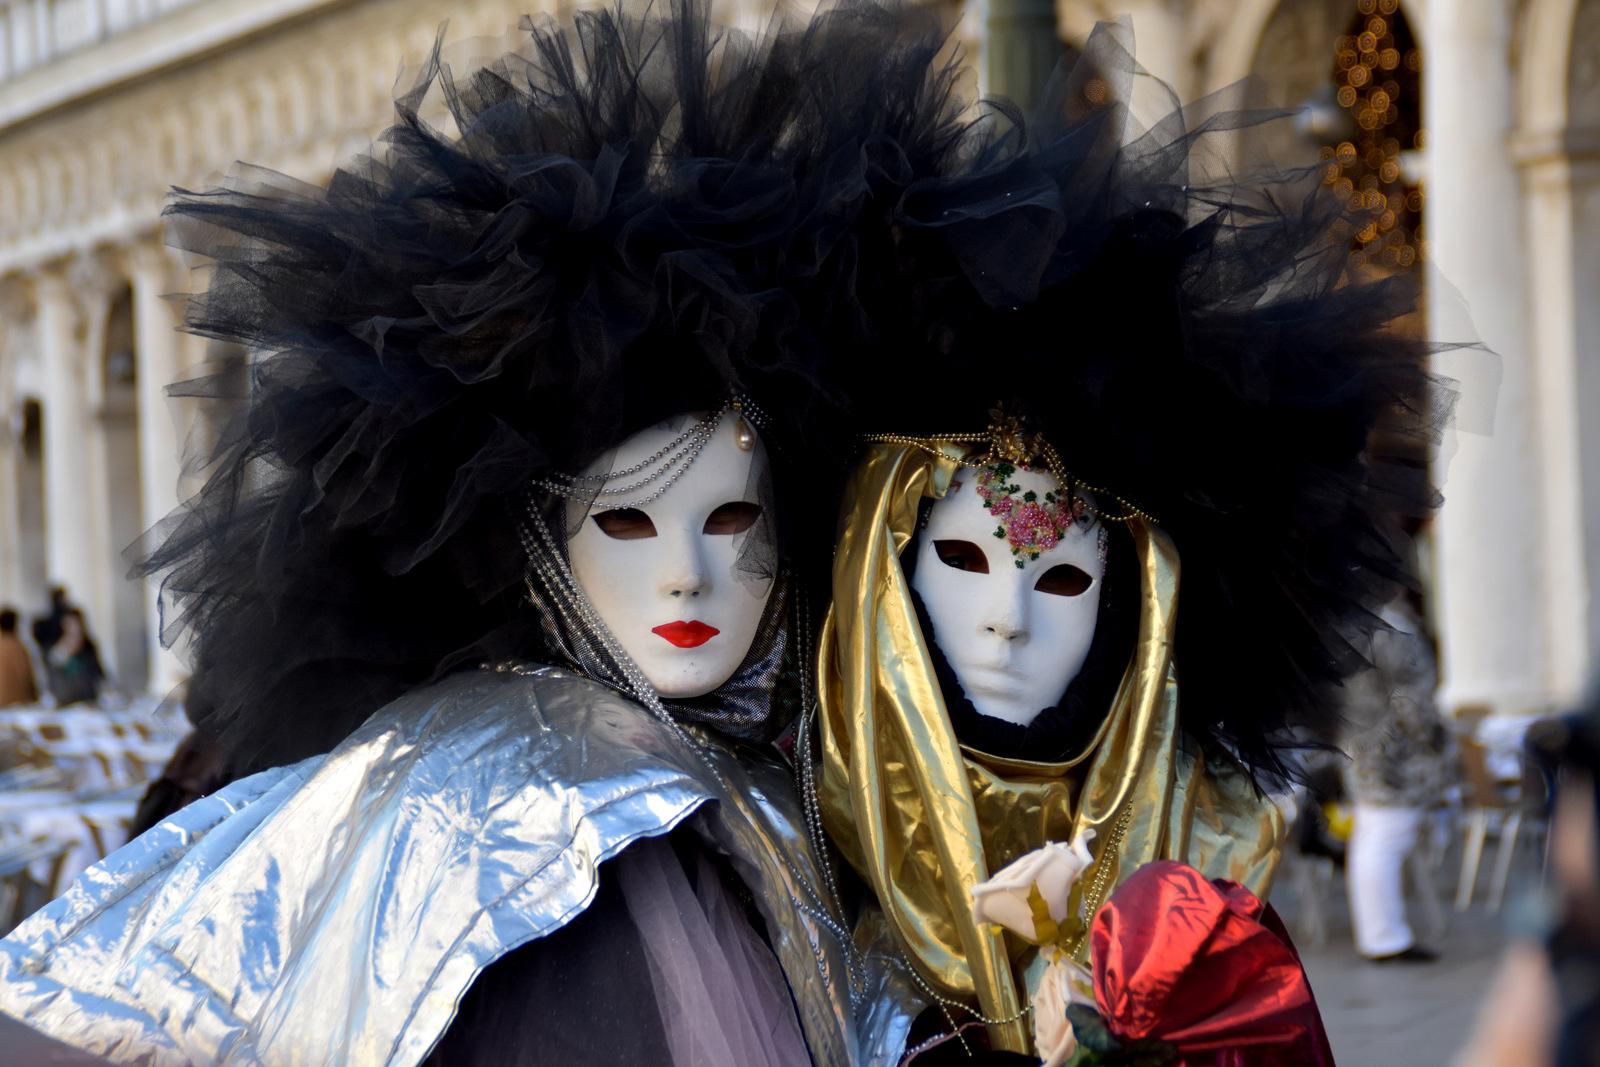 šialených 24 hodín v benátskej lagúne #2 // Carnevale di Venezia+ tipy ako ušetriť